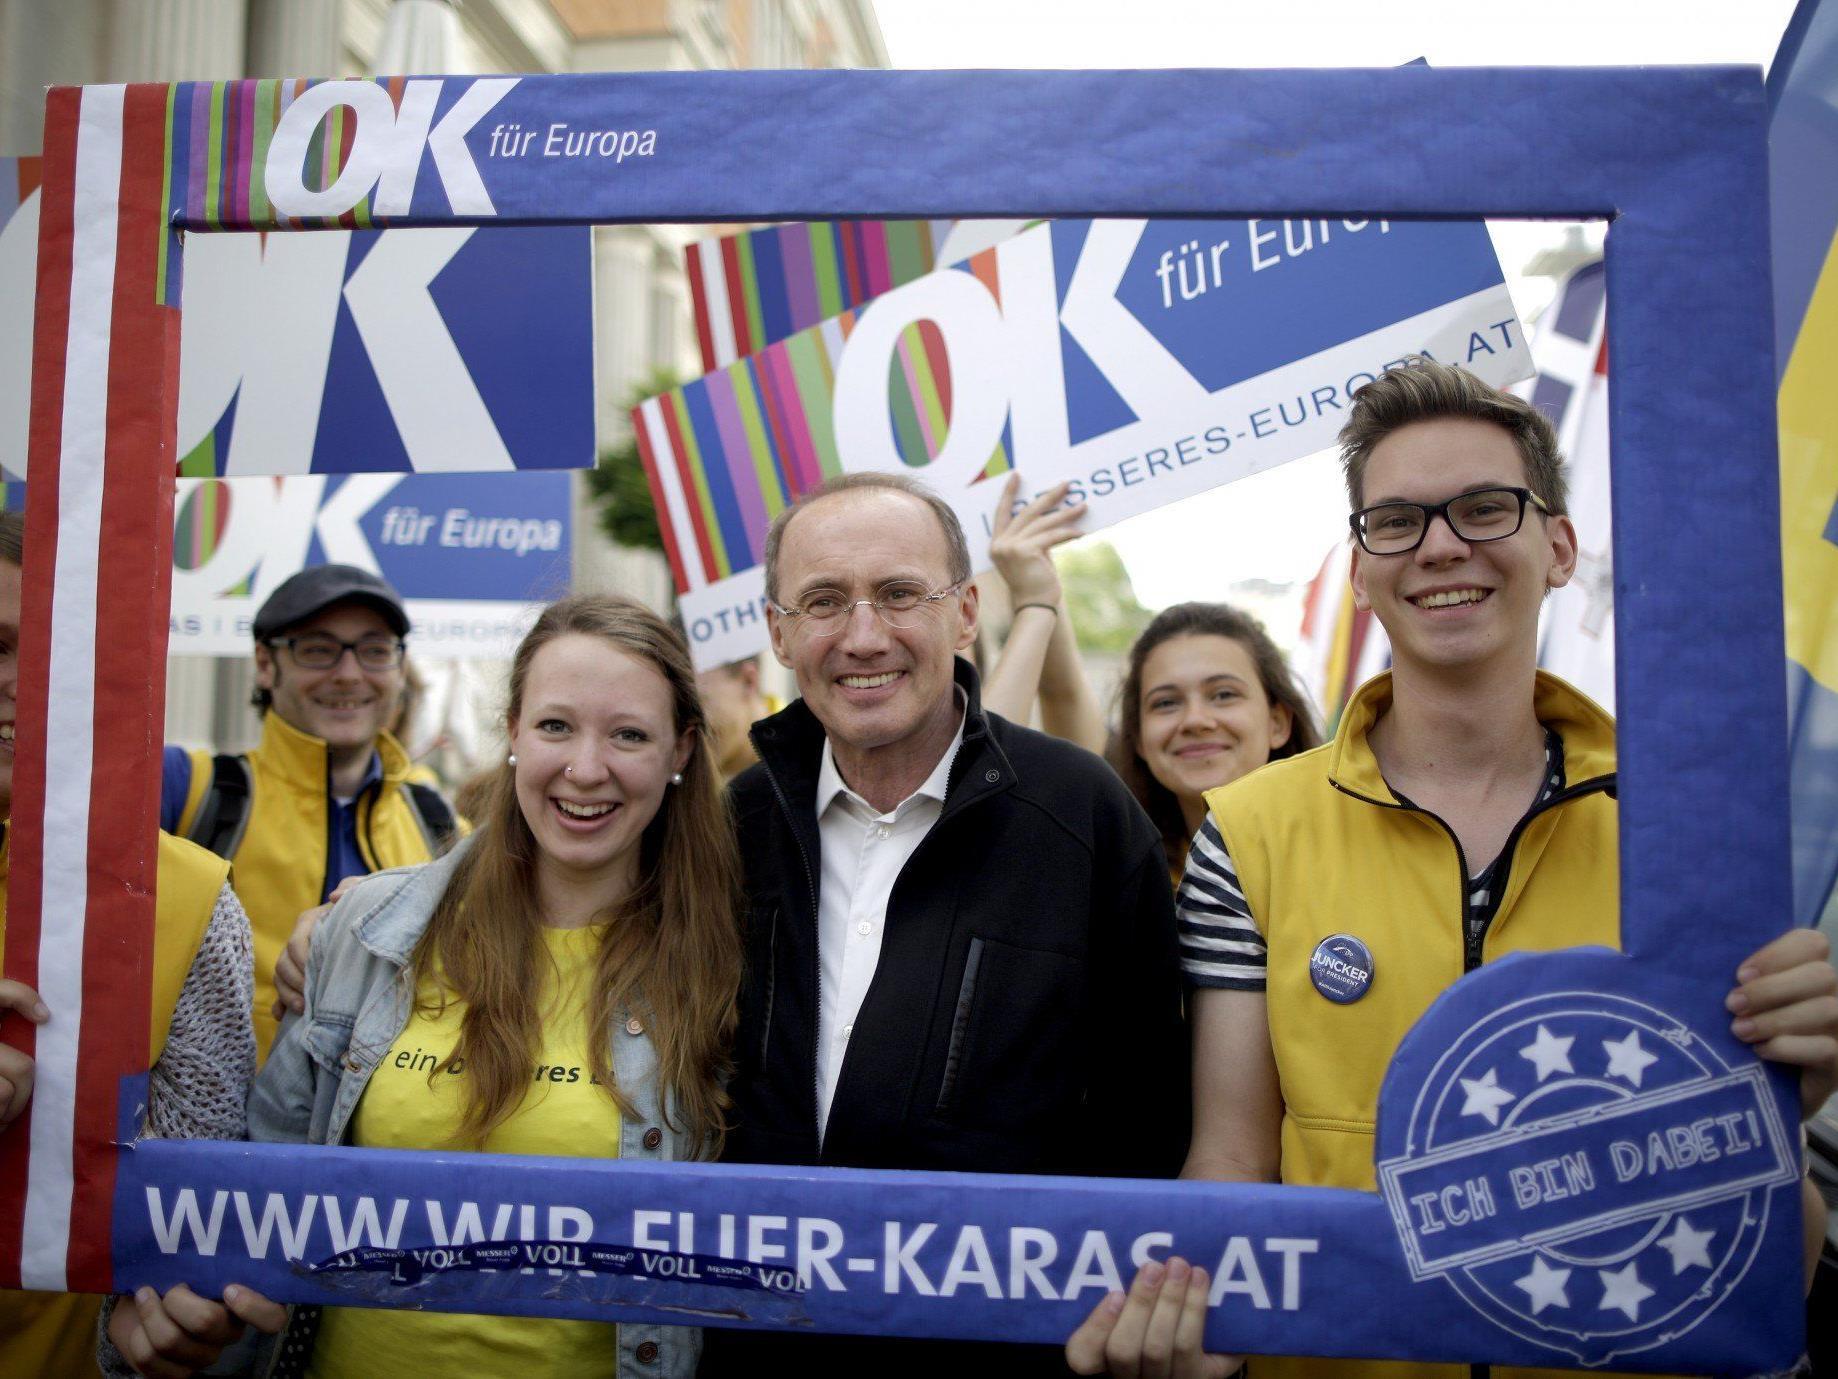 Othmar Karas geht oprimistisch die Europawahl am Sonntag.